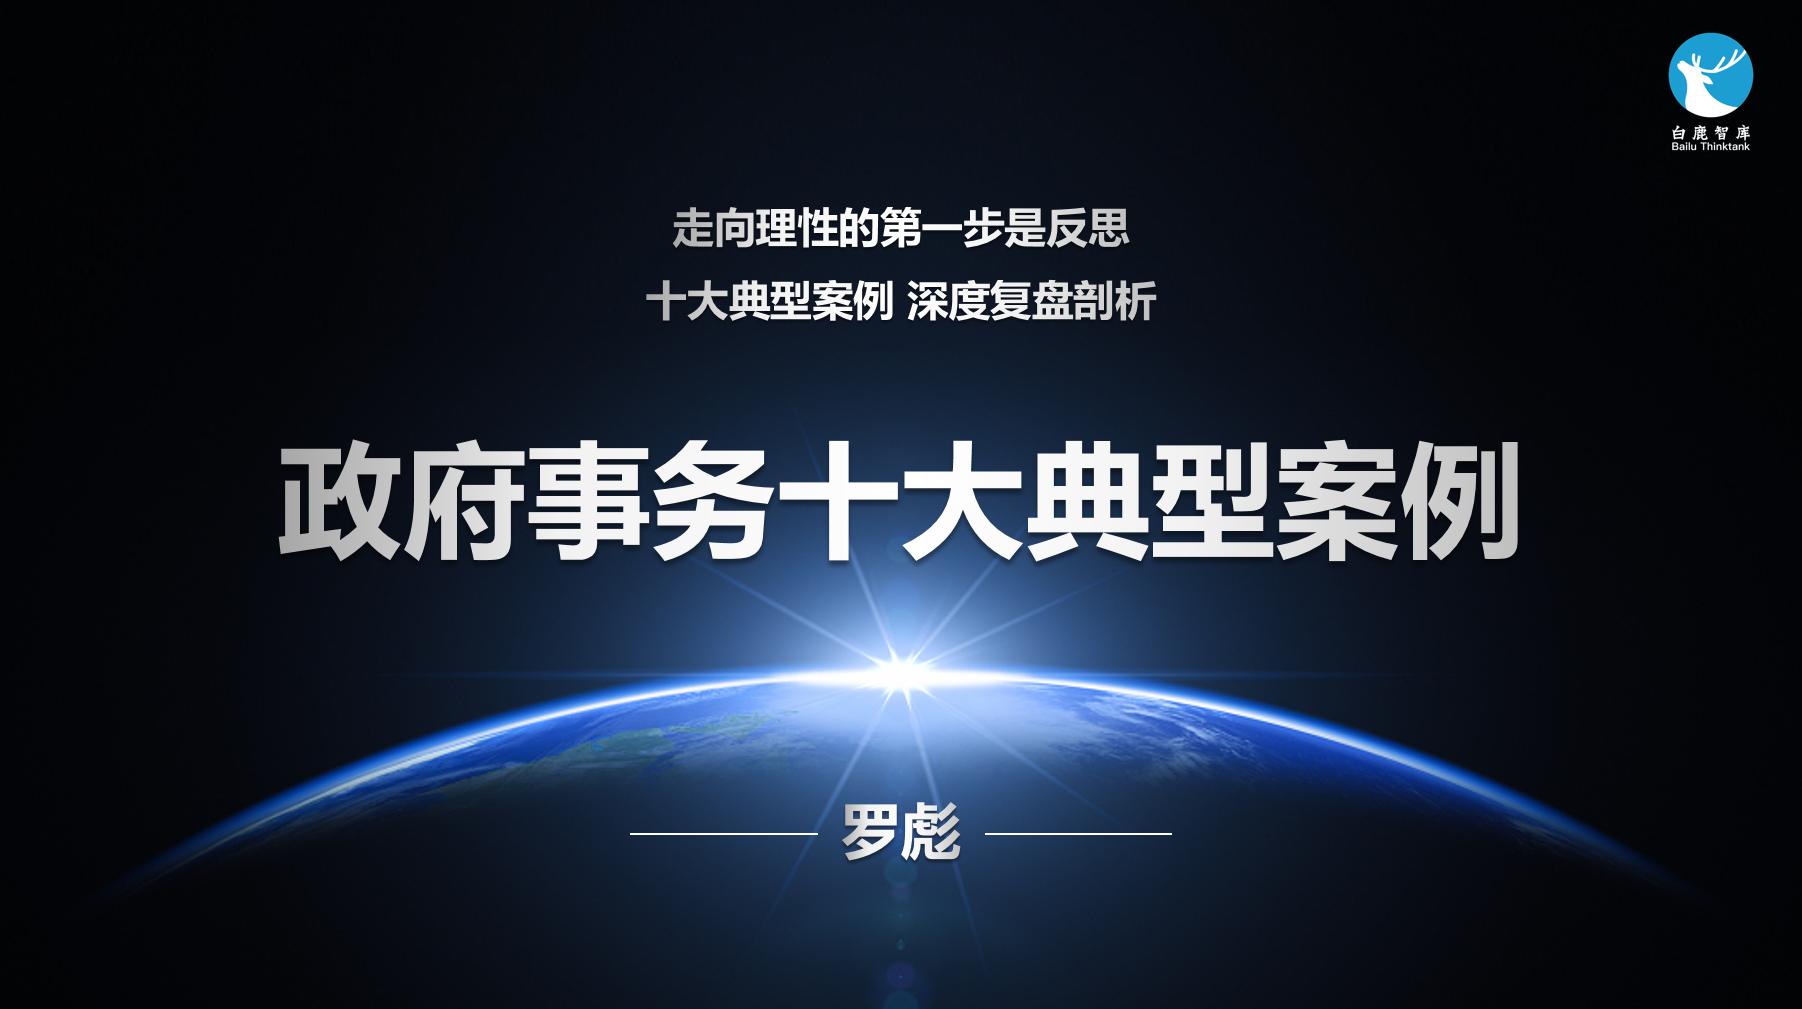 罗彪:政府事务十大典型案例(年度会员免费)-白鹿智库